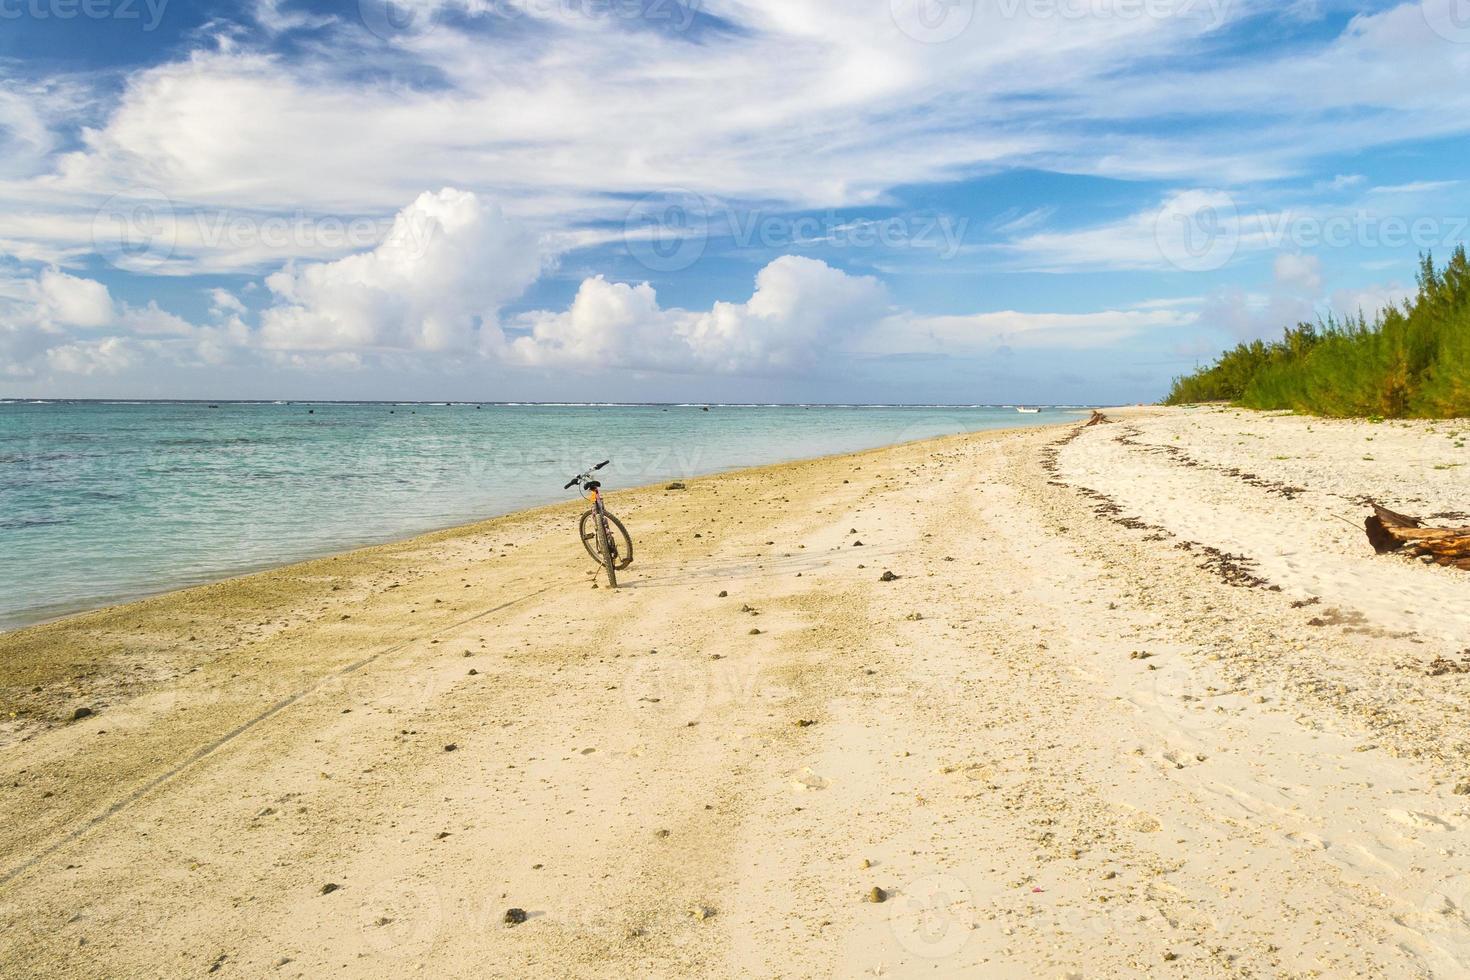 Seul vélo à pousser sur une plage de désert tropical photo